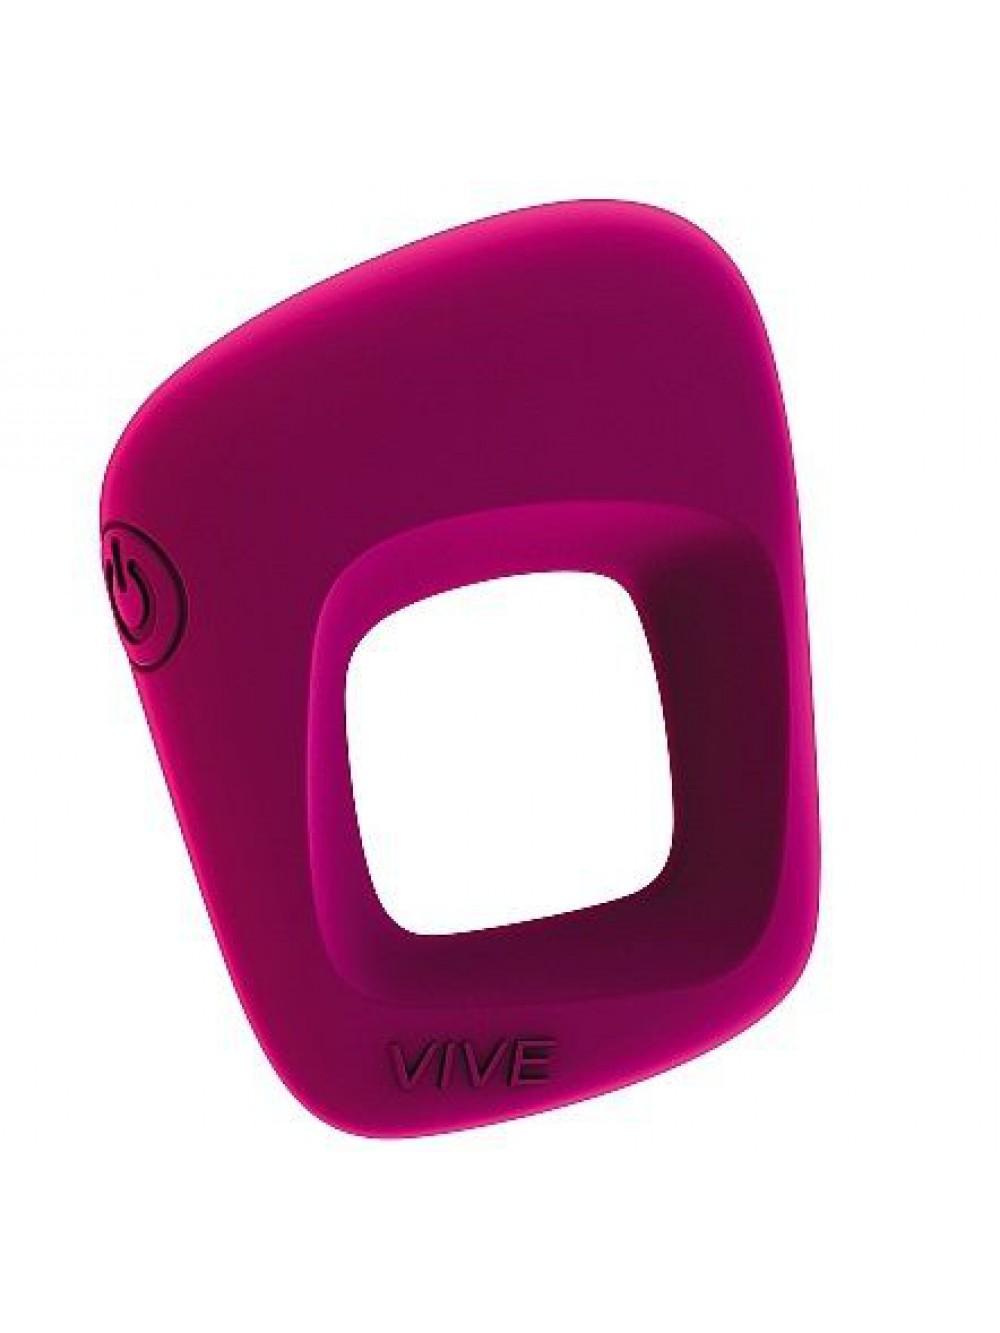 VIVE SENCA PINK 8714273606761